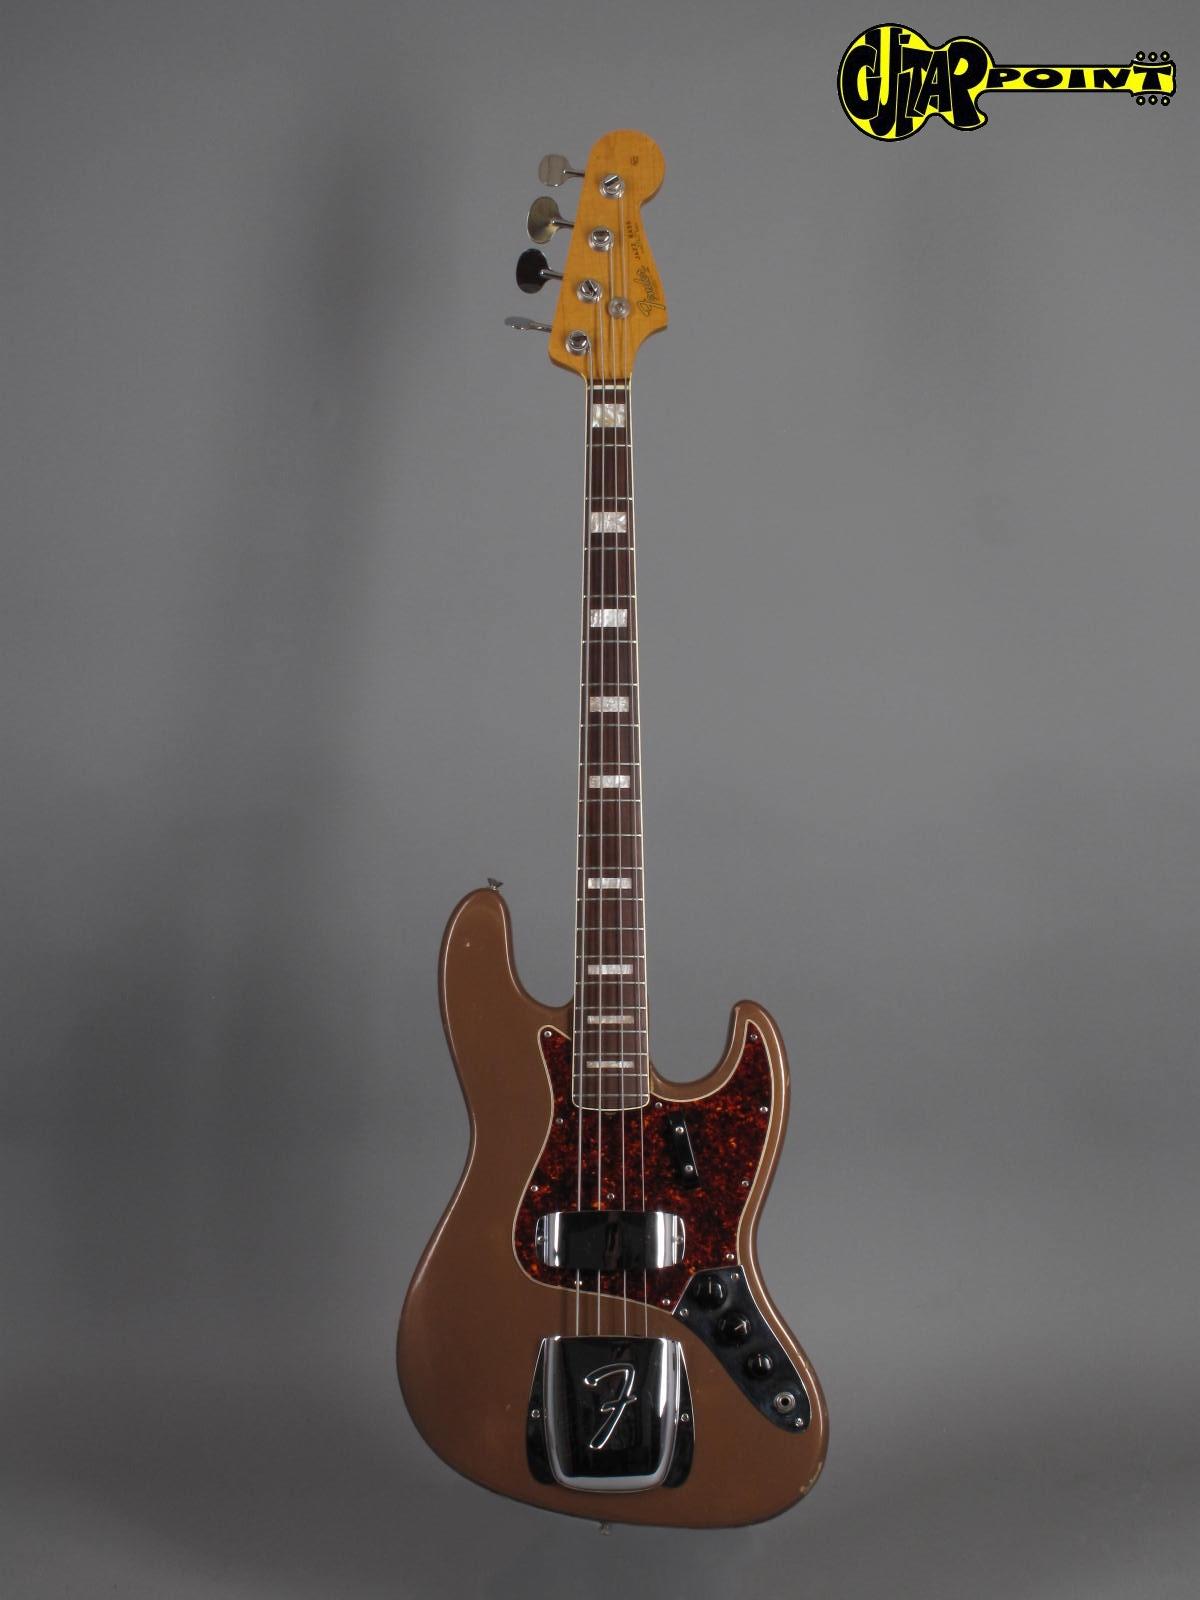 1967 Fender Jazz Bass Fire Mist Gold Refin Vi67fejazzbassgld 216555 Fender Jazz Fender Jazz Bass Vintage Bass Guitars